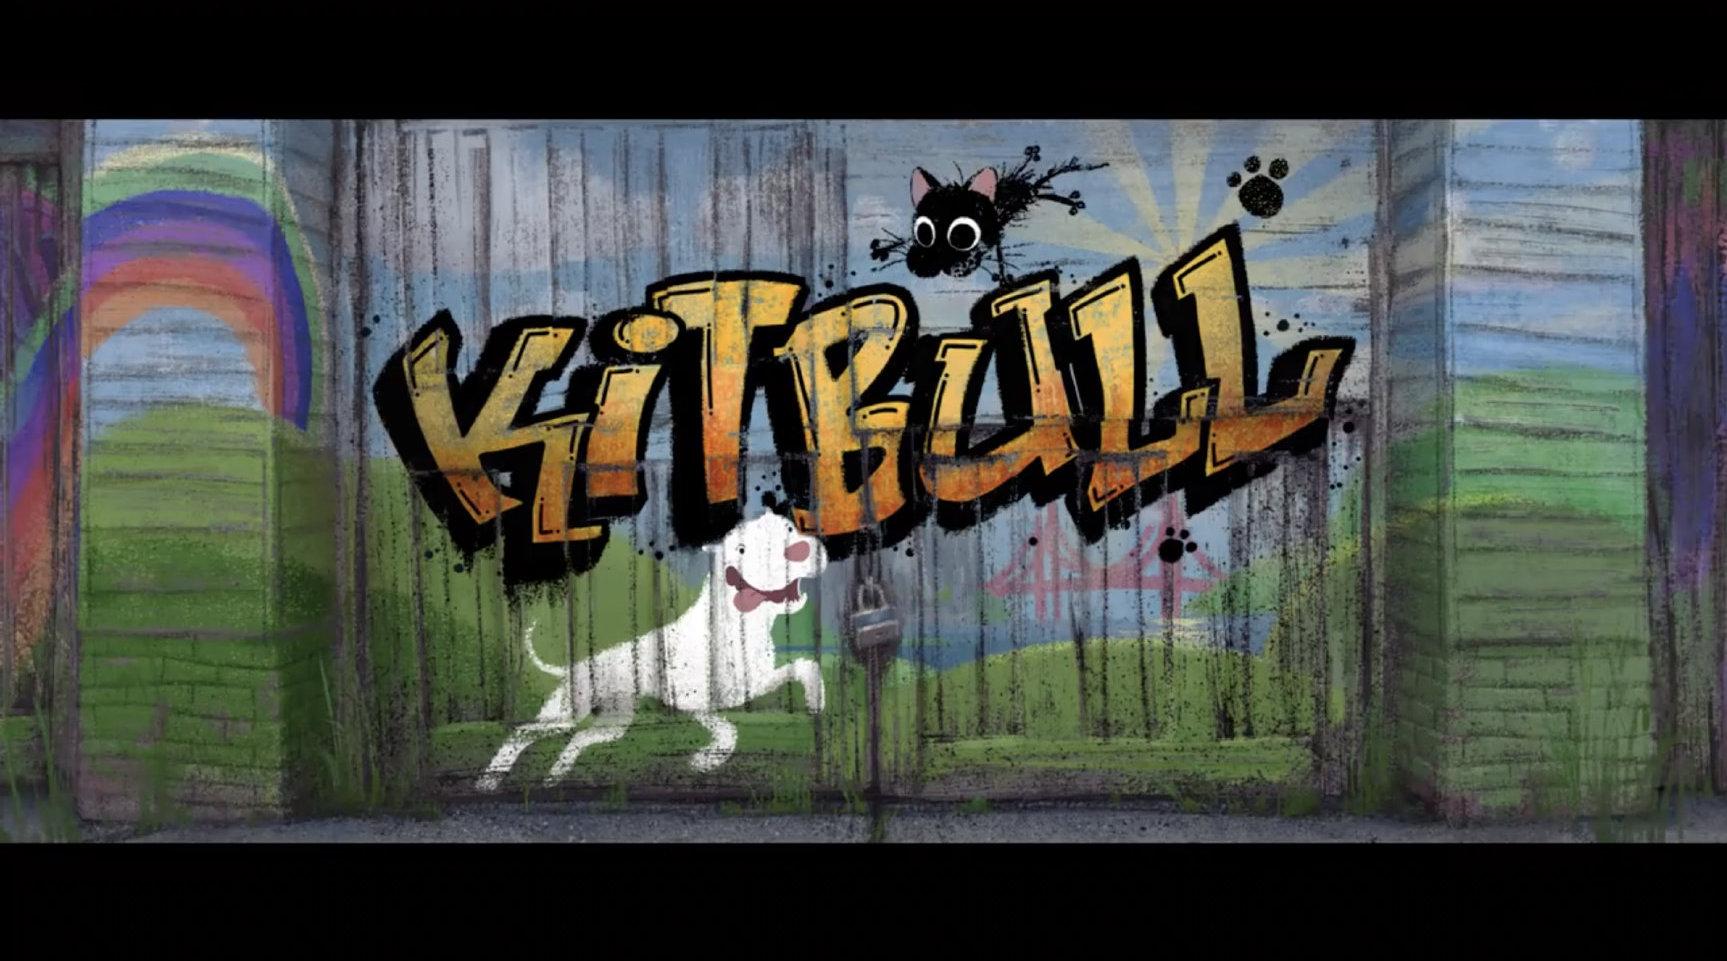 暖哭!皮克斯最新动画短片《Kitbull》